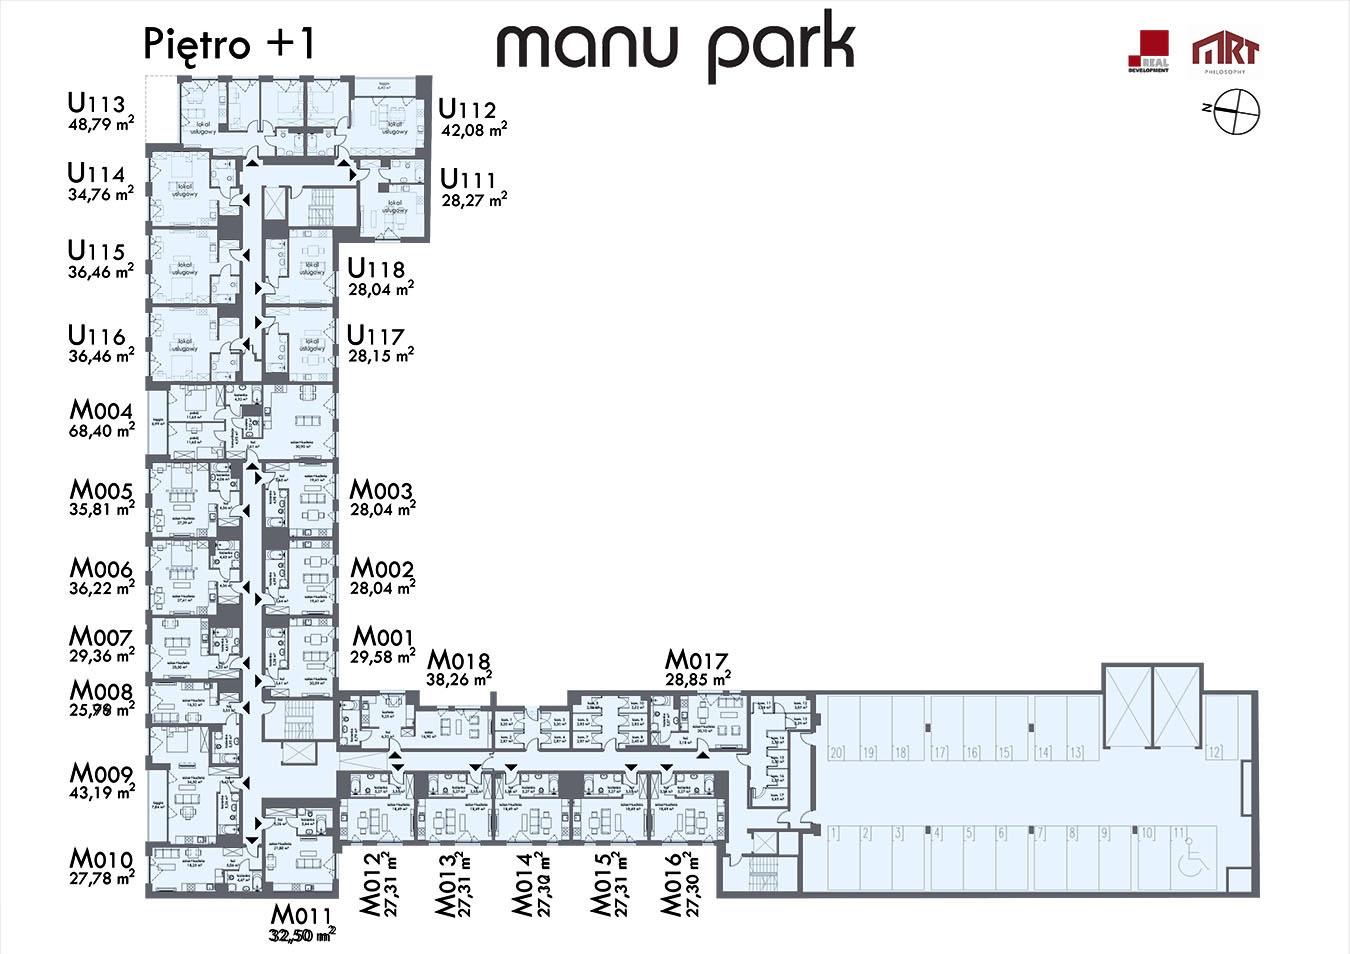 MANU PARK - Piętro 1